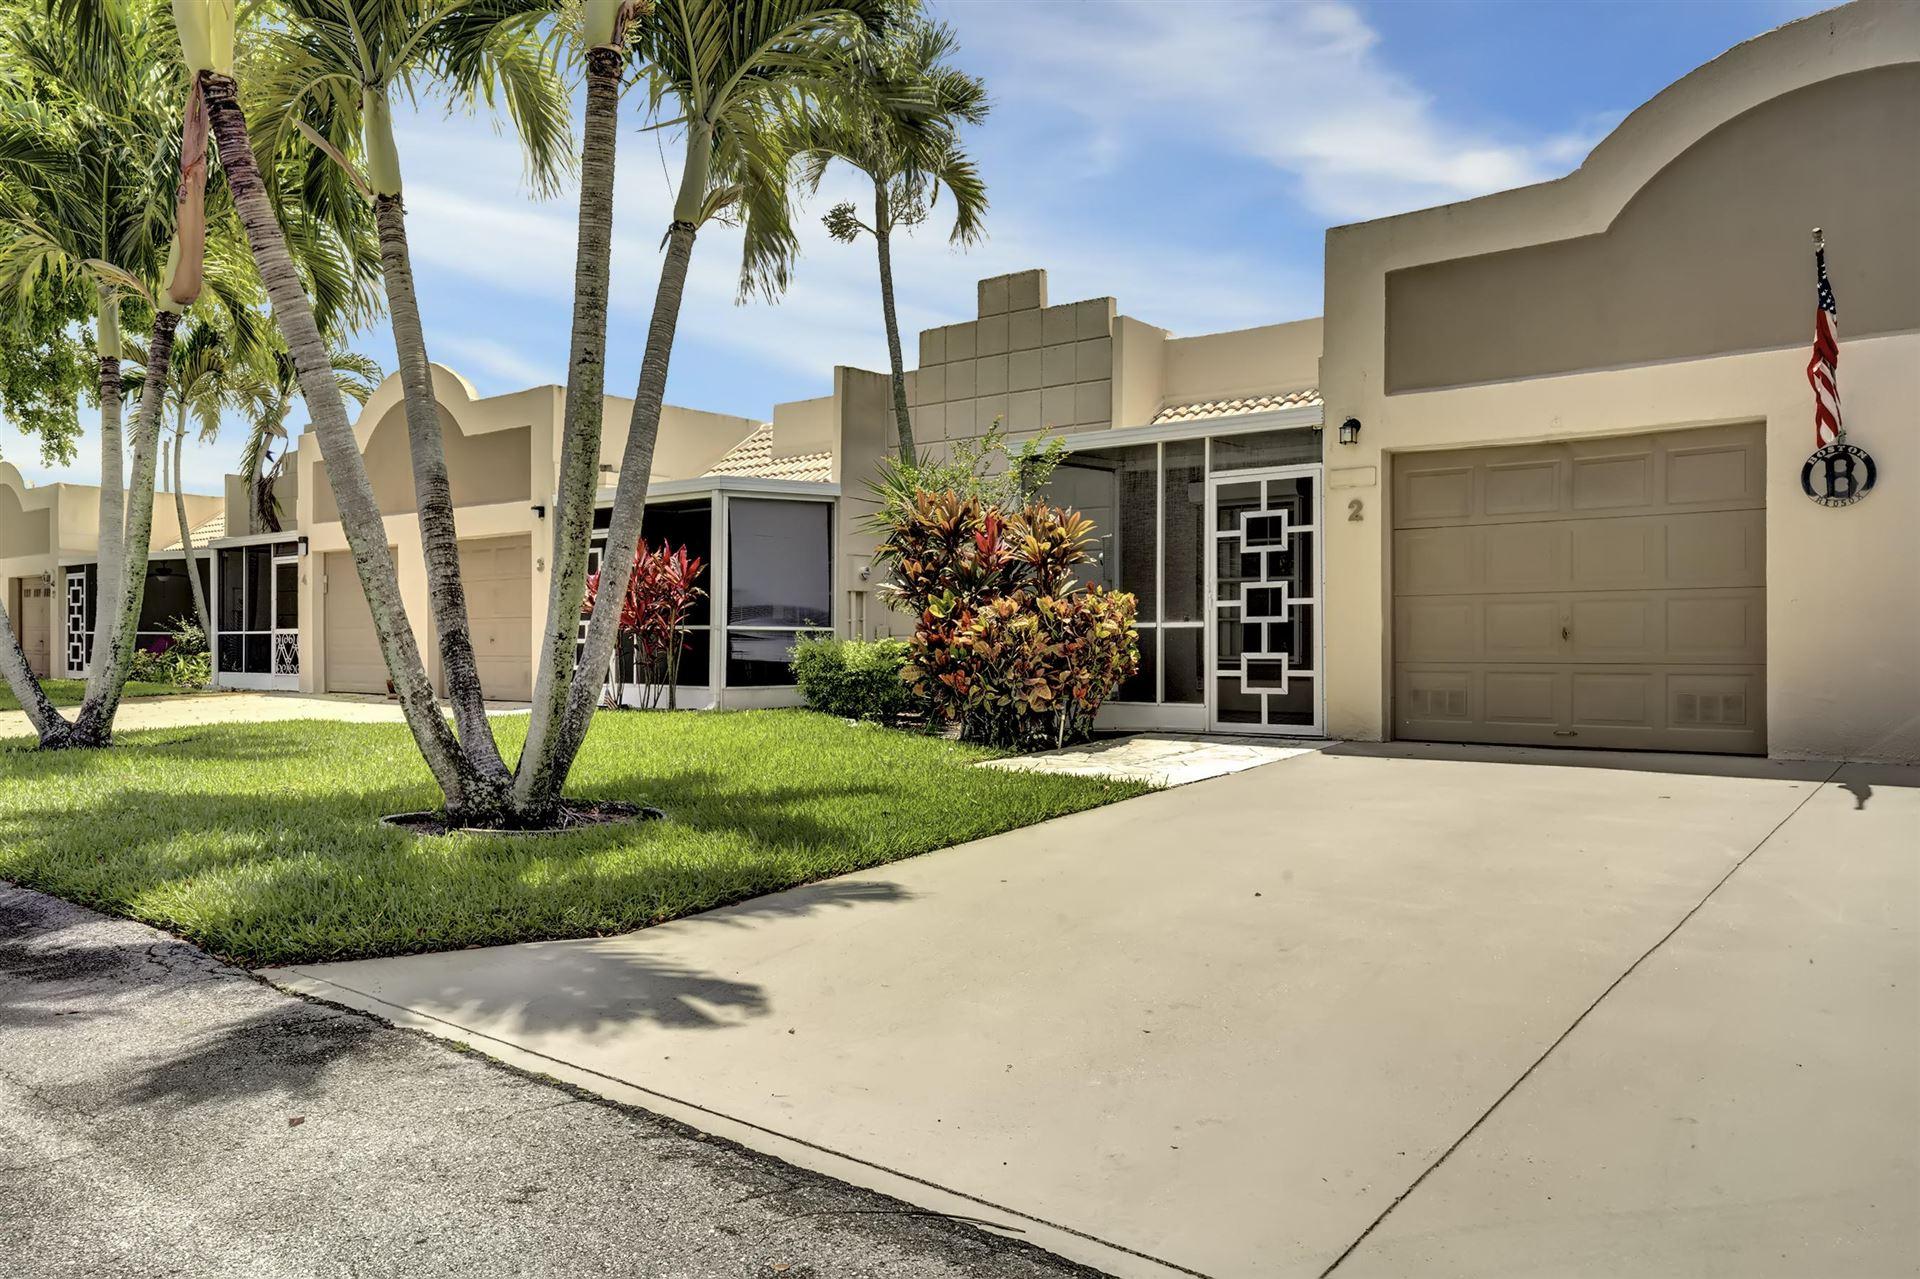 18970 Stewart Circle #2, Boca Raton, FL 33496 - #: RX-10626025